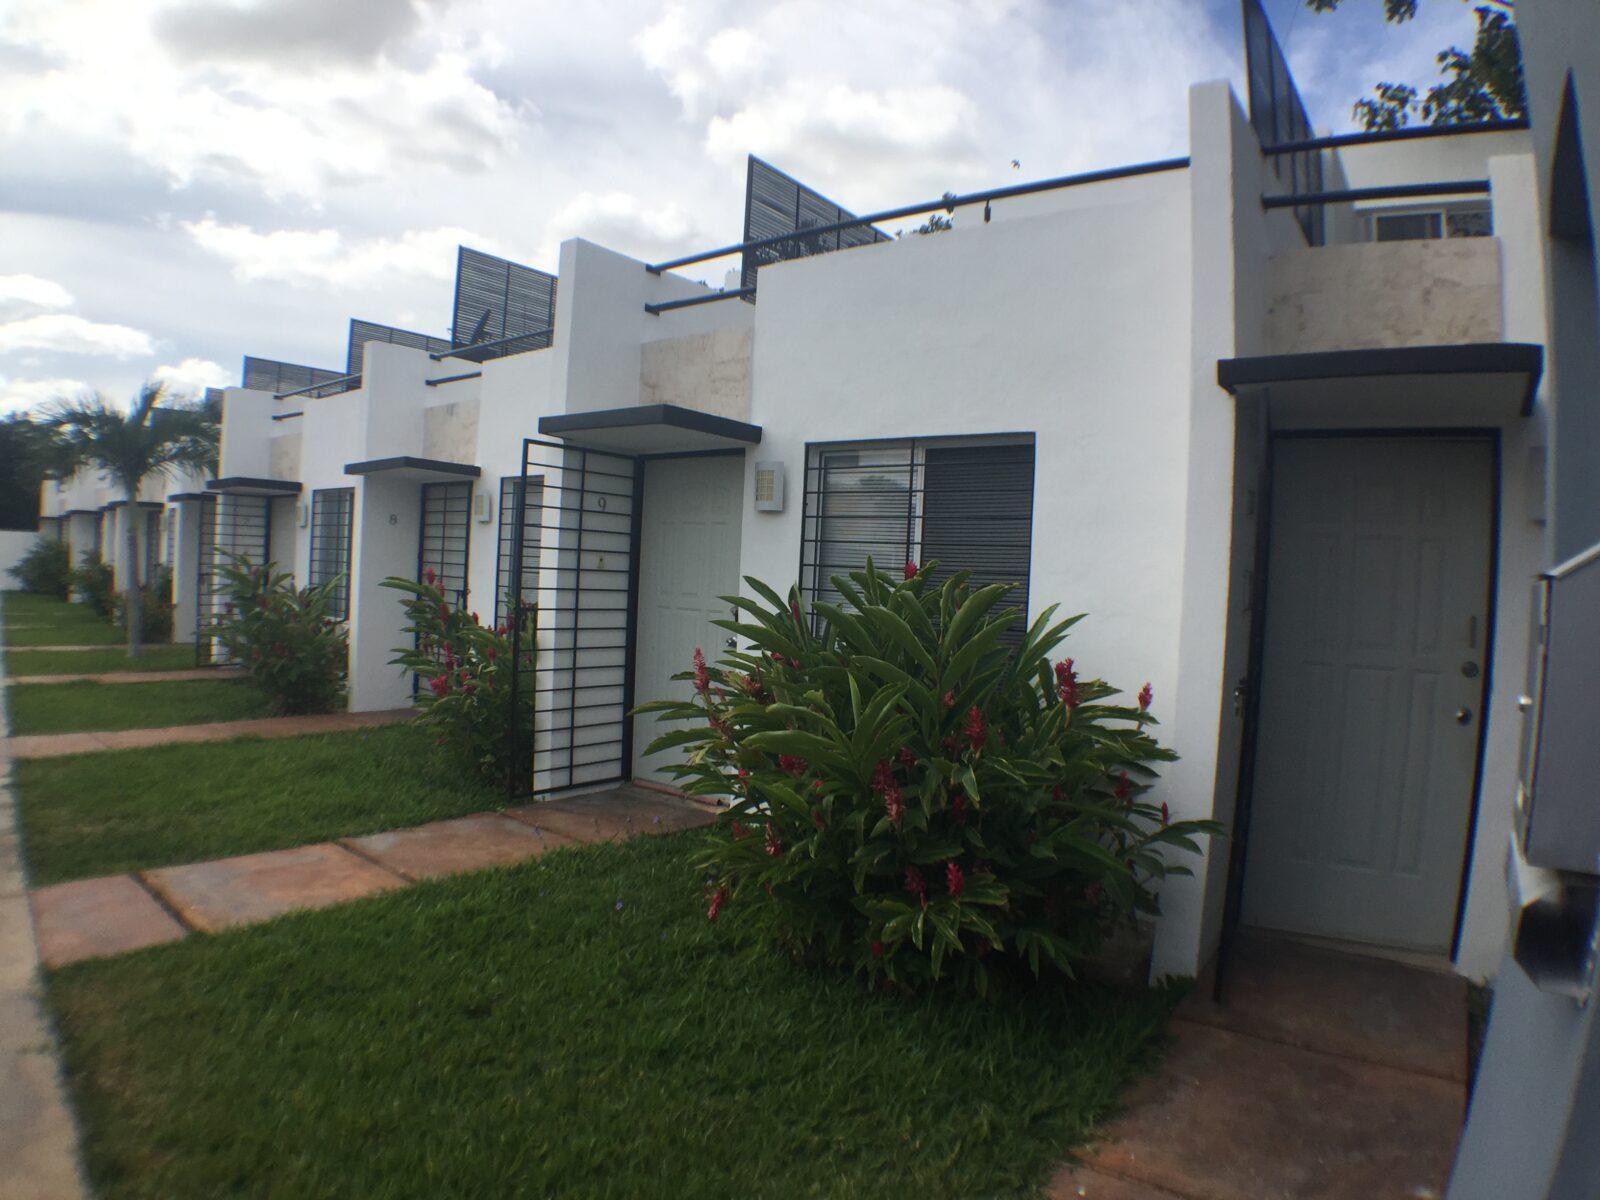 Sodzil villas departamentos amueblados en renta m rida for Departamentos amueblados